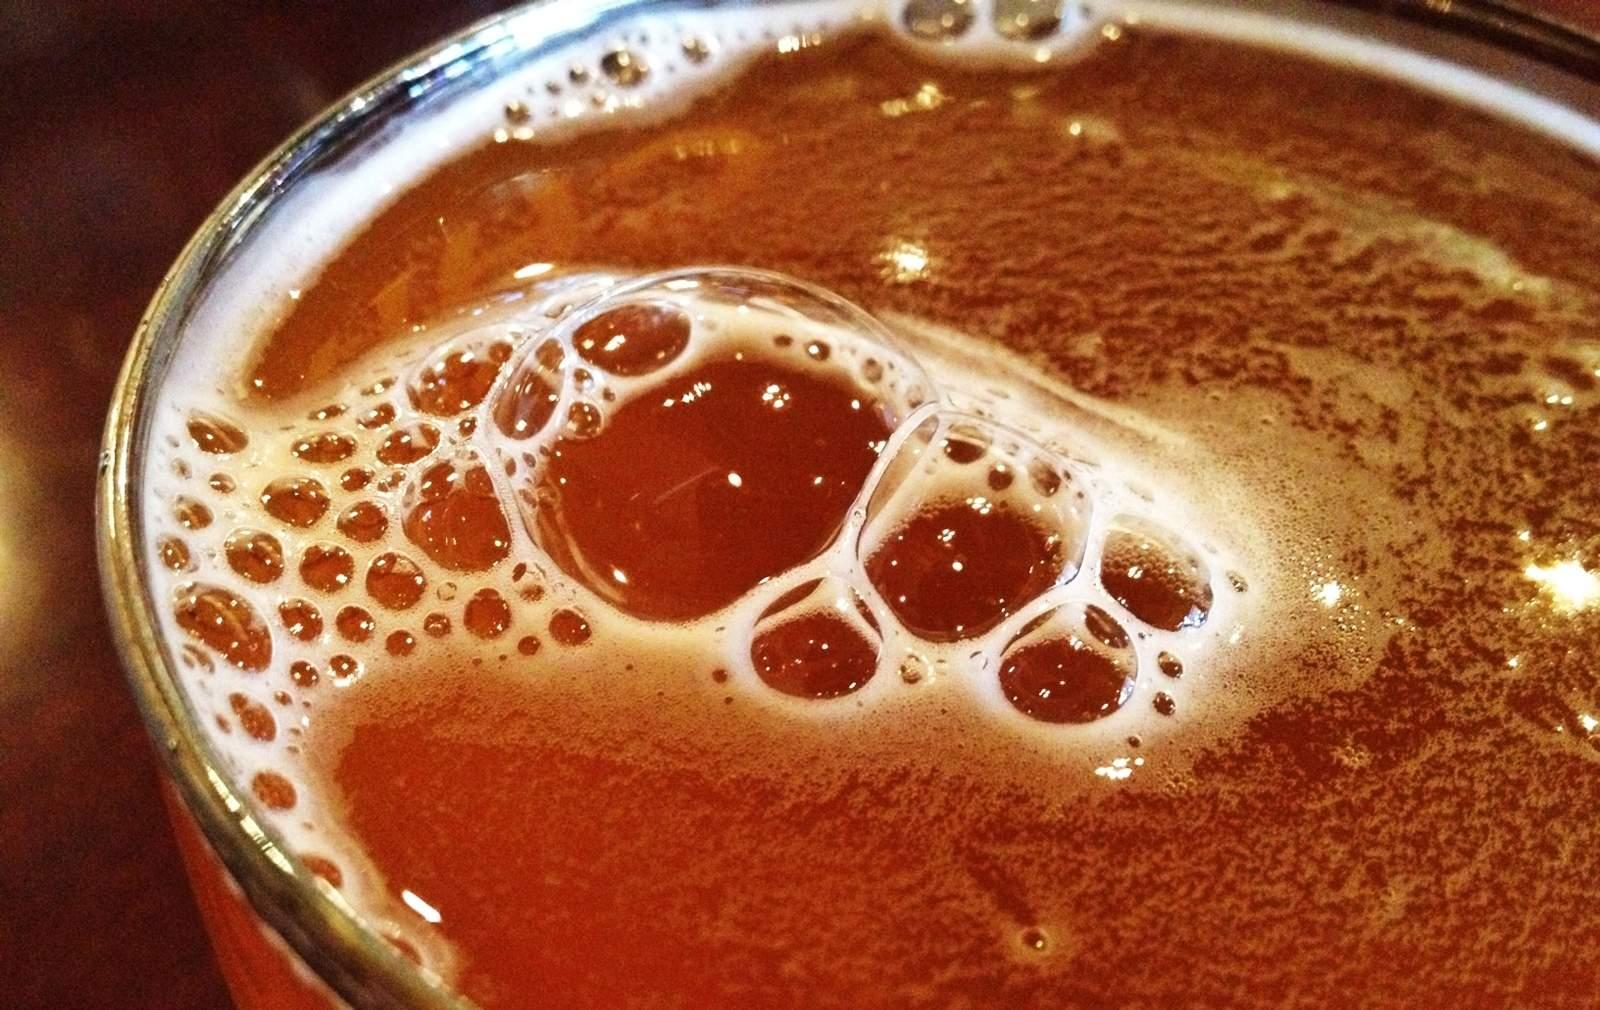 Cheve zoom chela cerveza cerca espuma espumosa burbujas burbujeante vaso